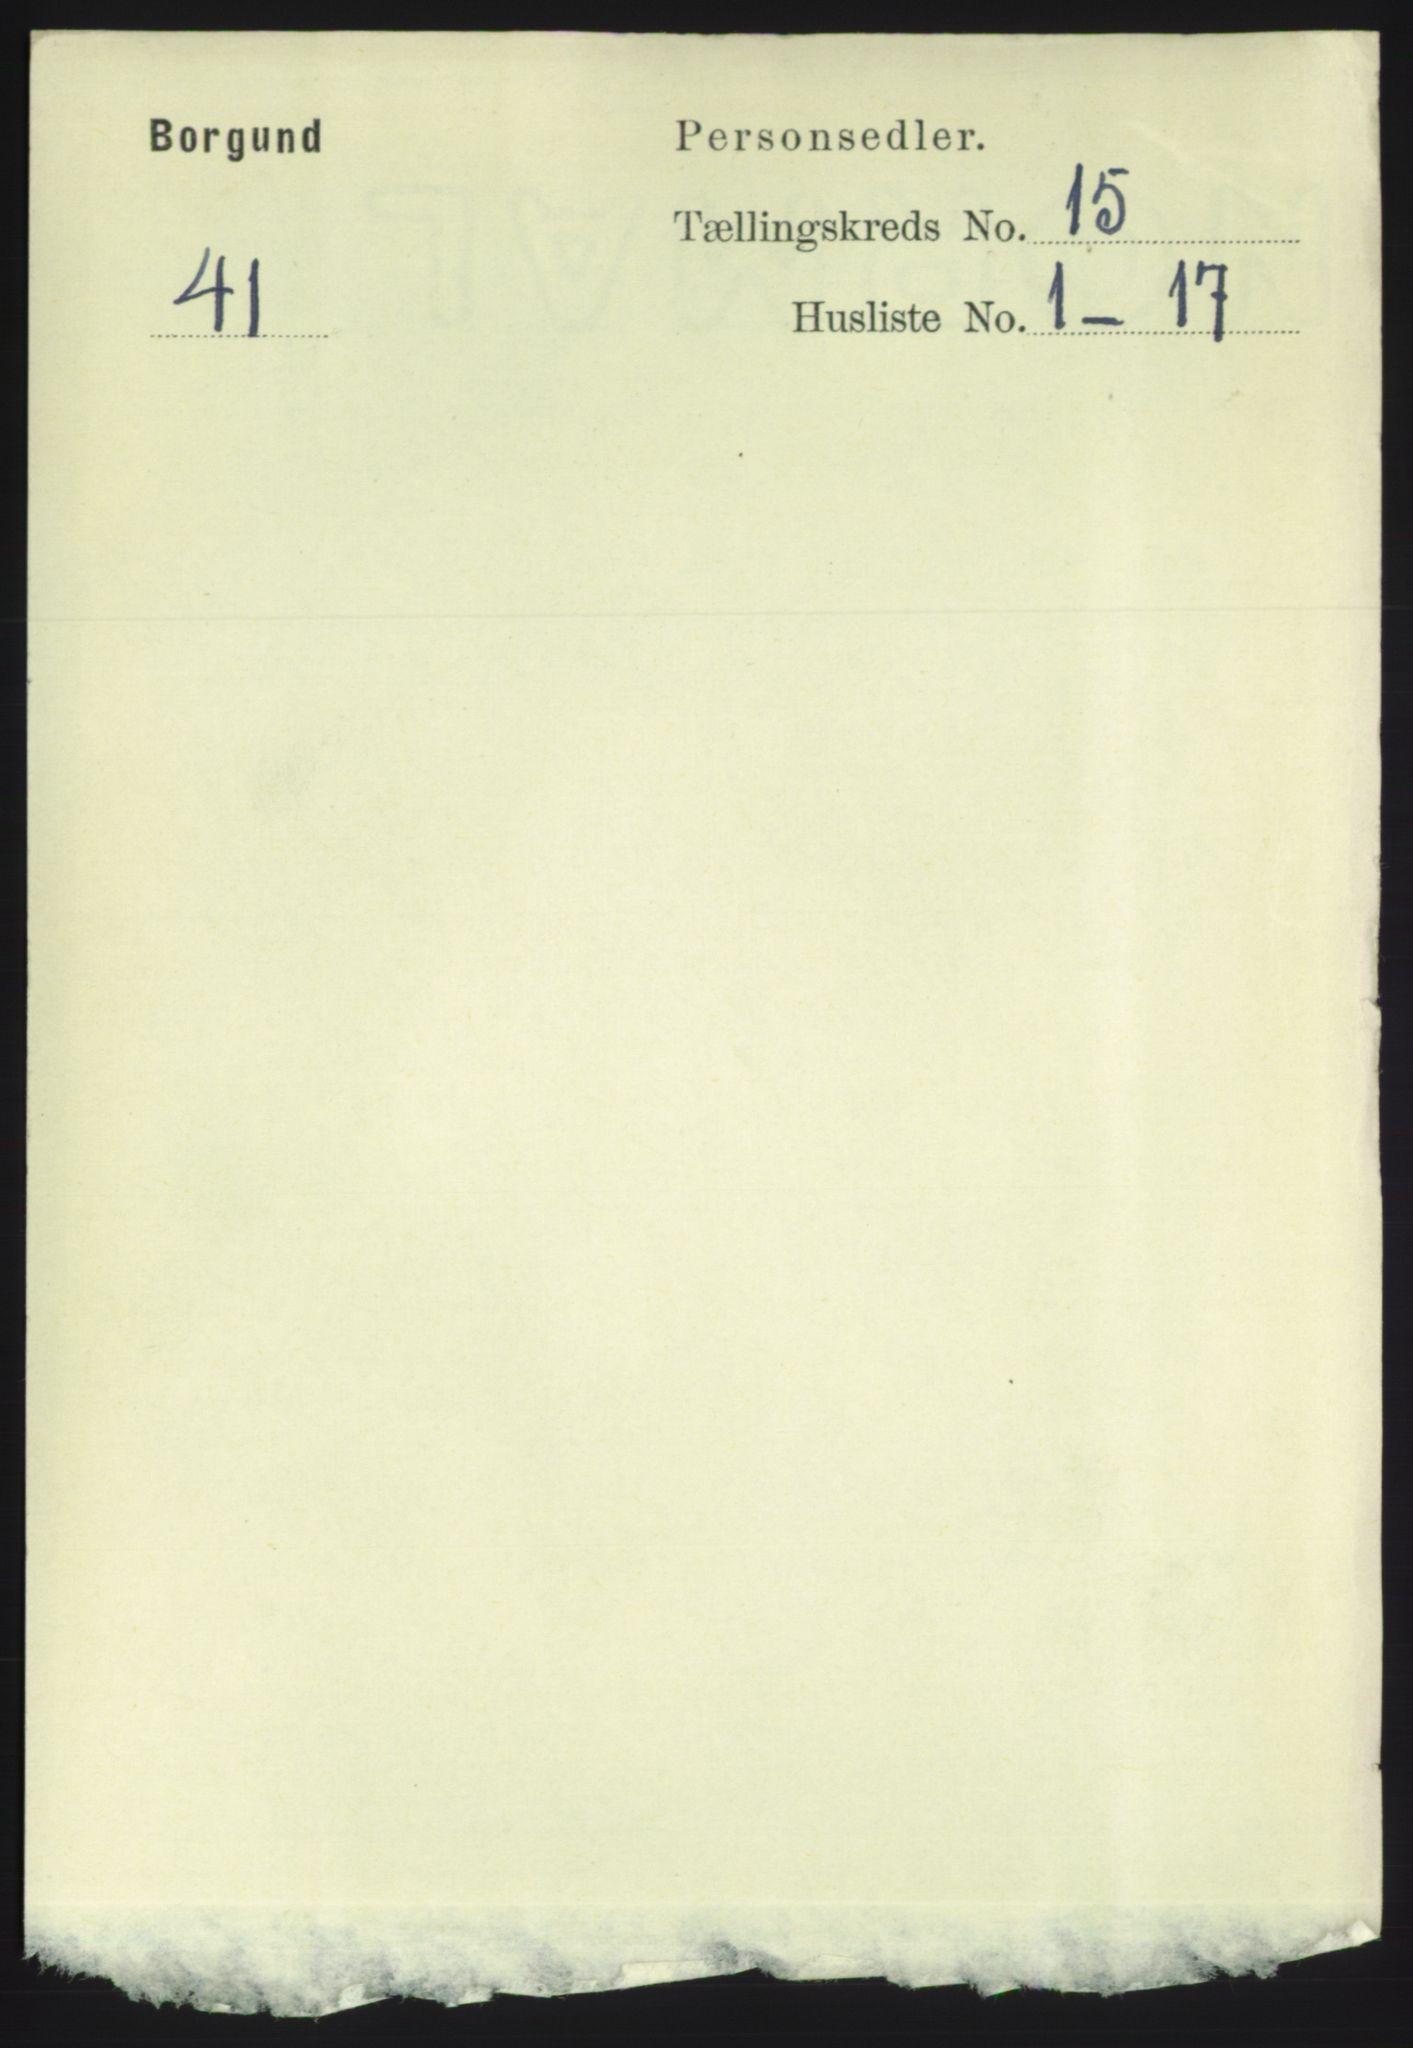 RA, Folketelling 1891 for 1531 Borgund herred, 1891, s. 4477